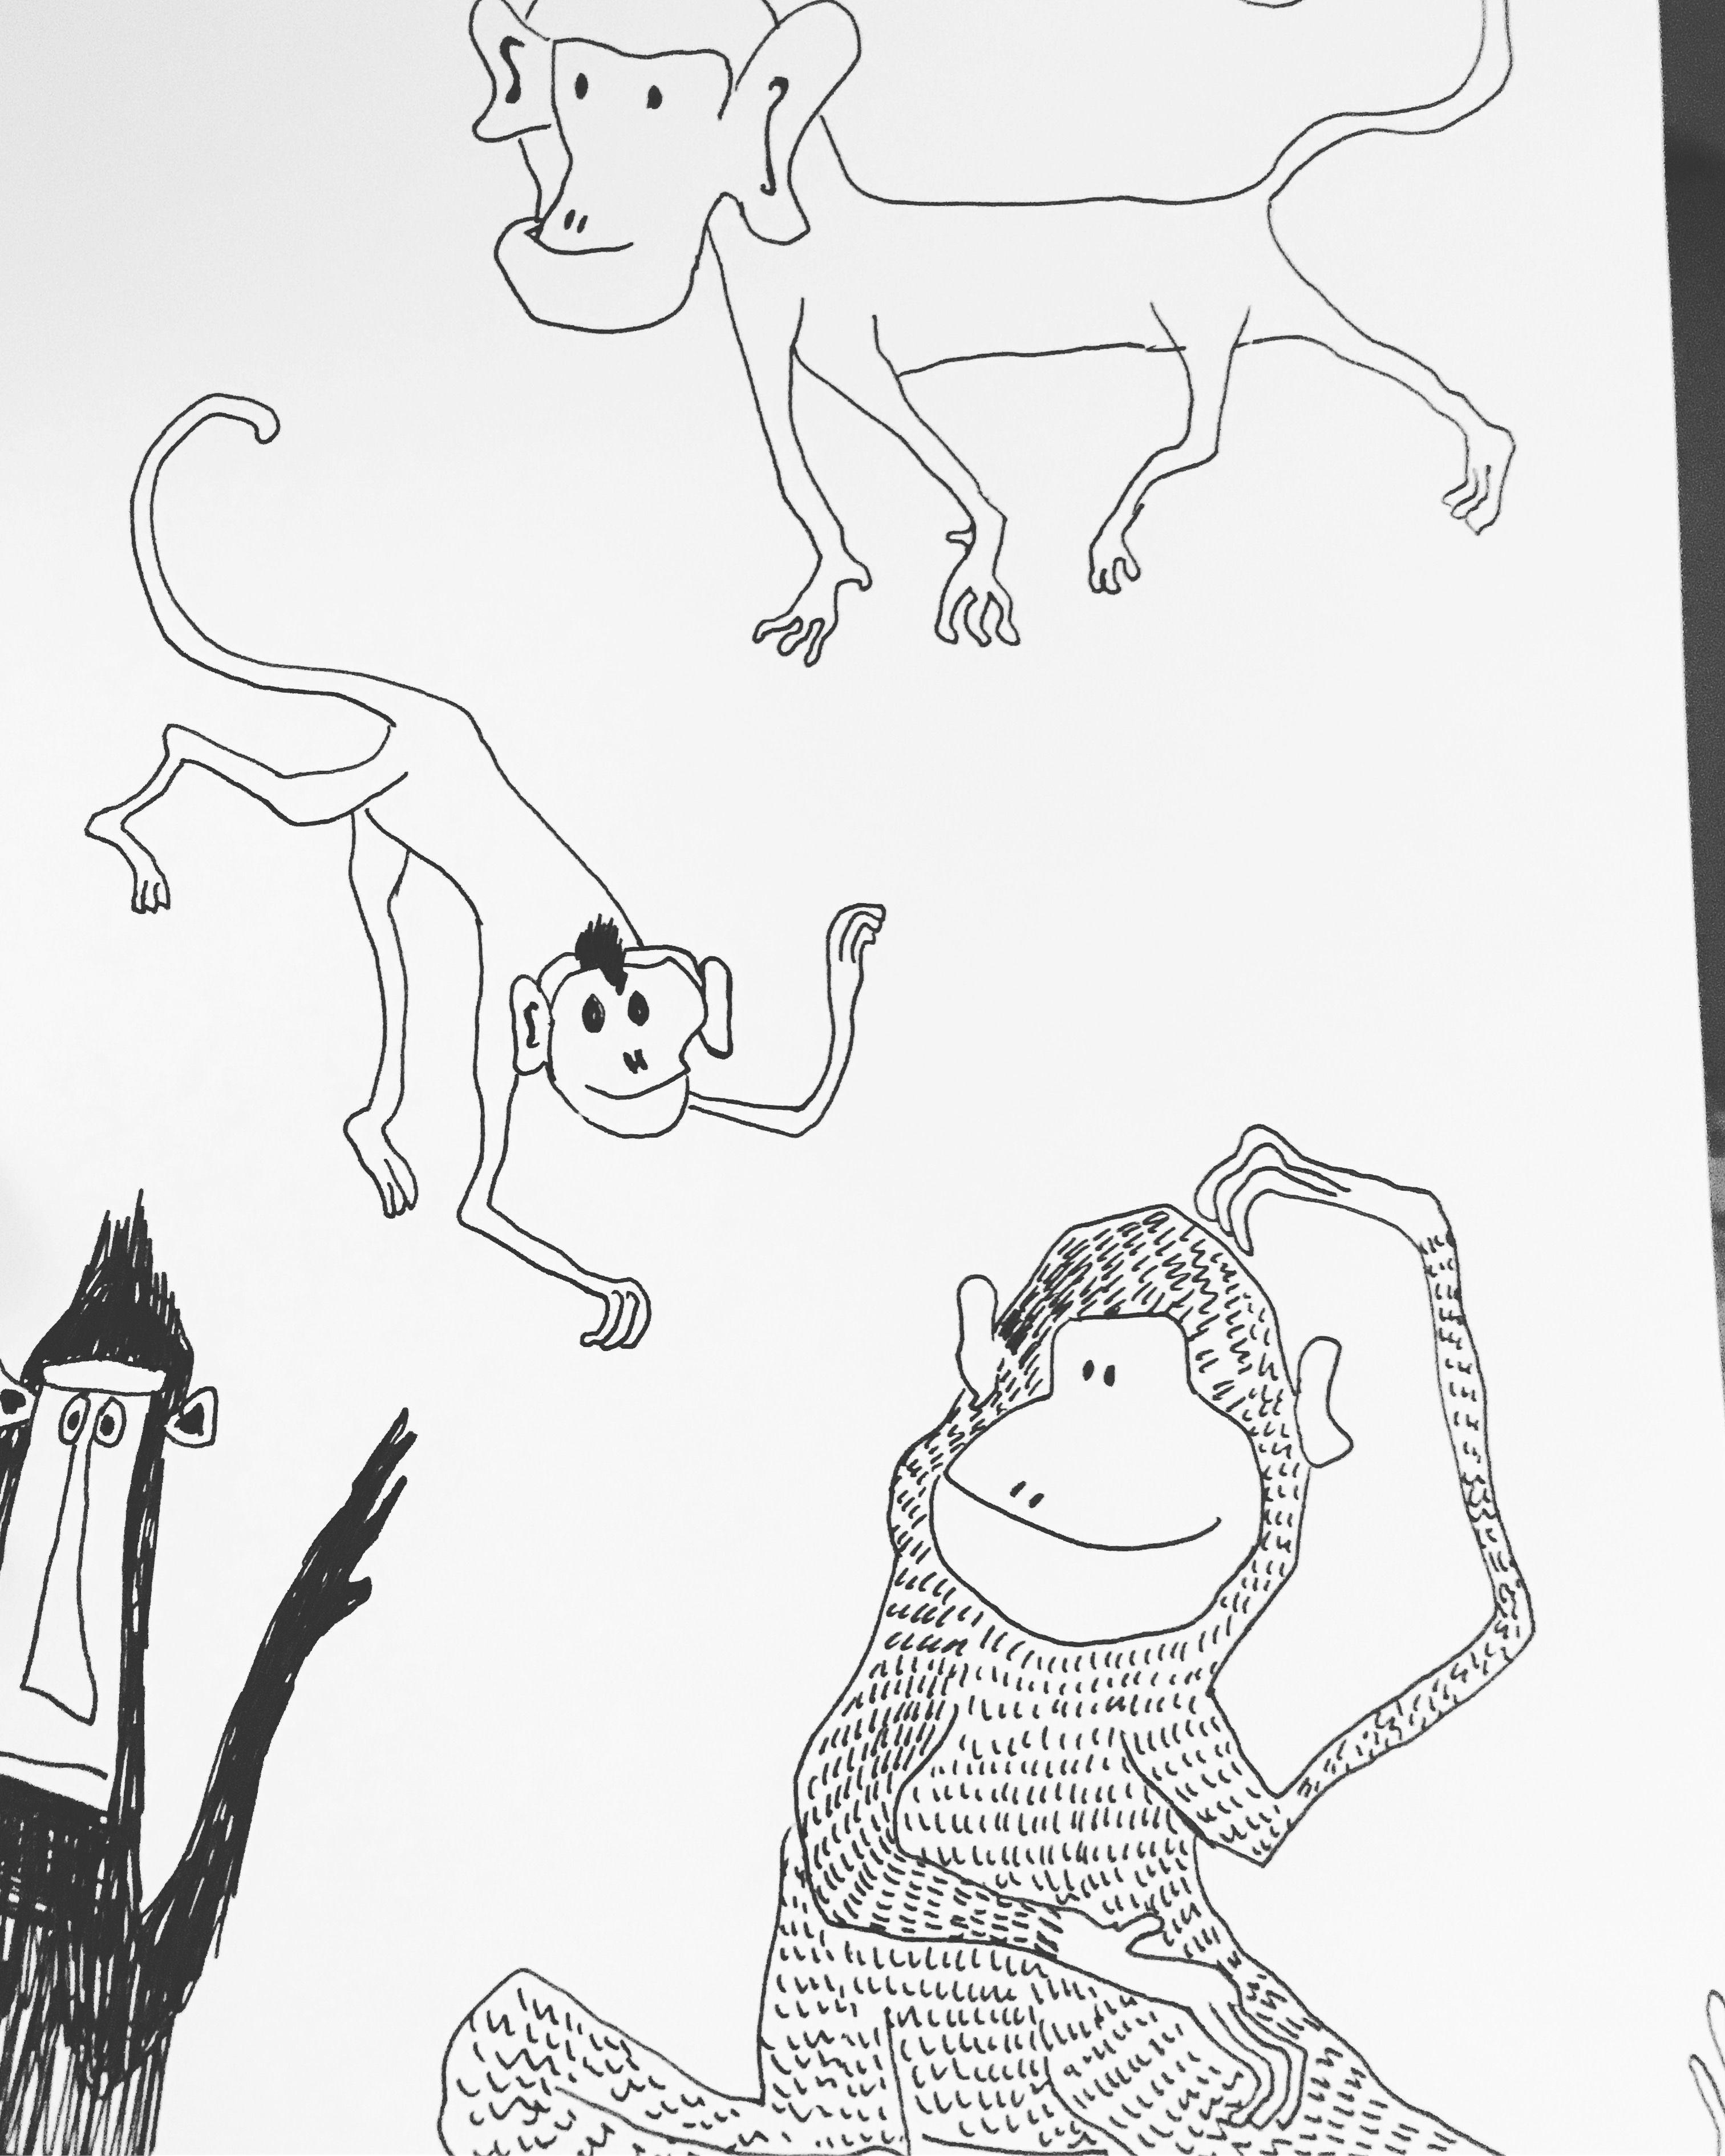 Monkeys Illustration Laura Pannasch | art | Pinterest